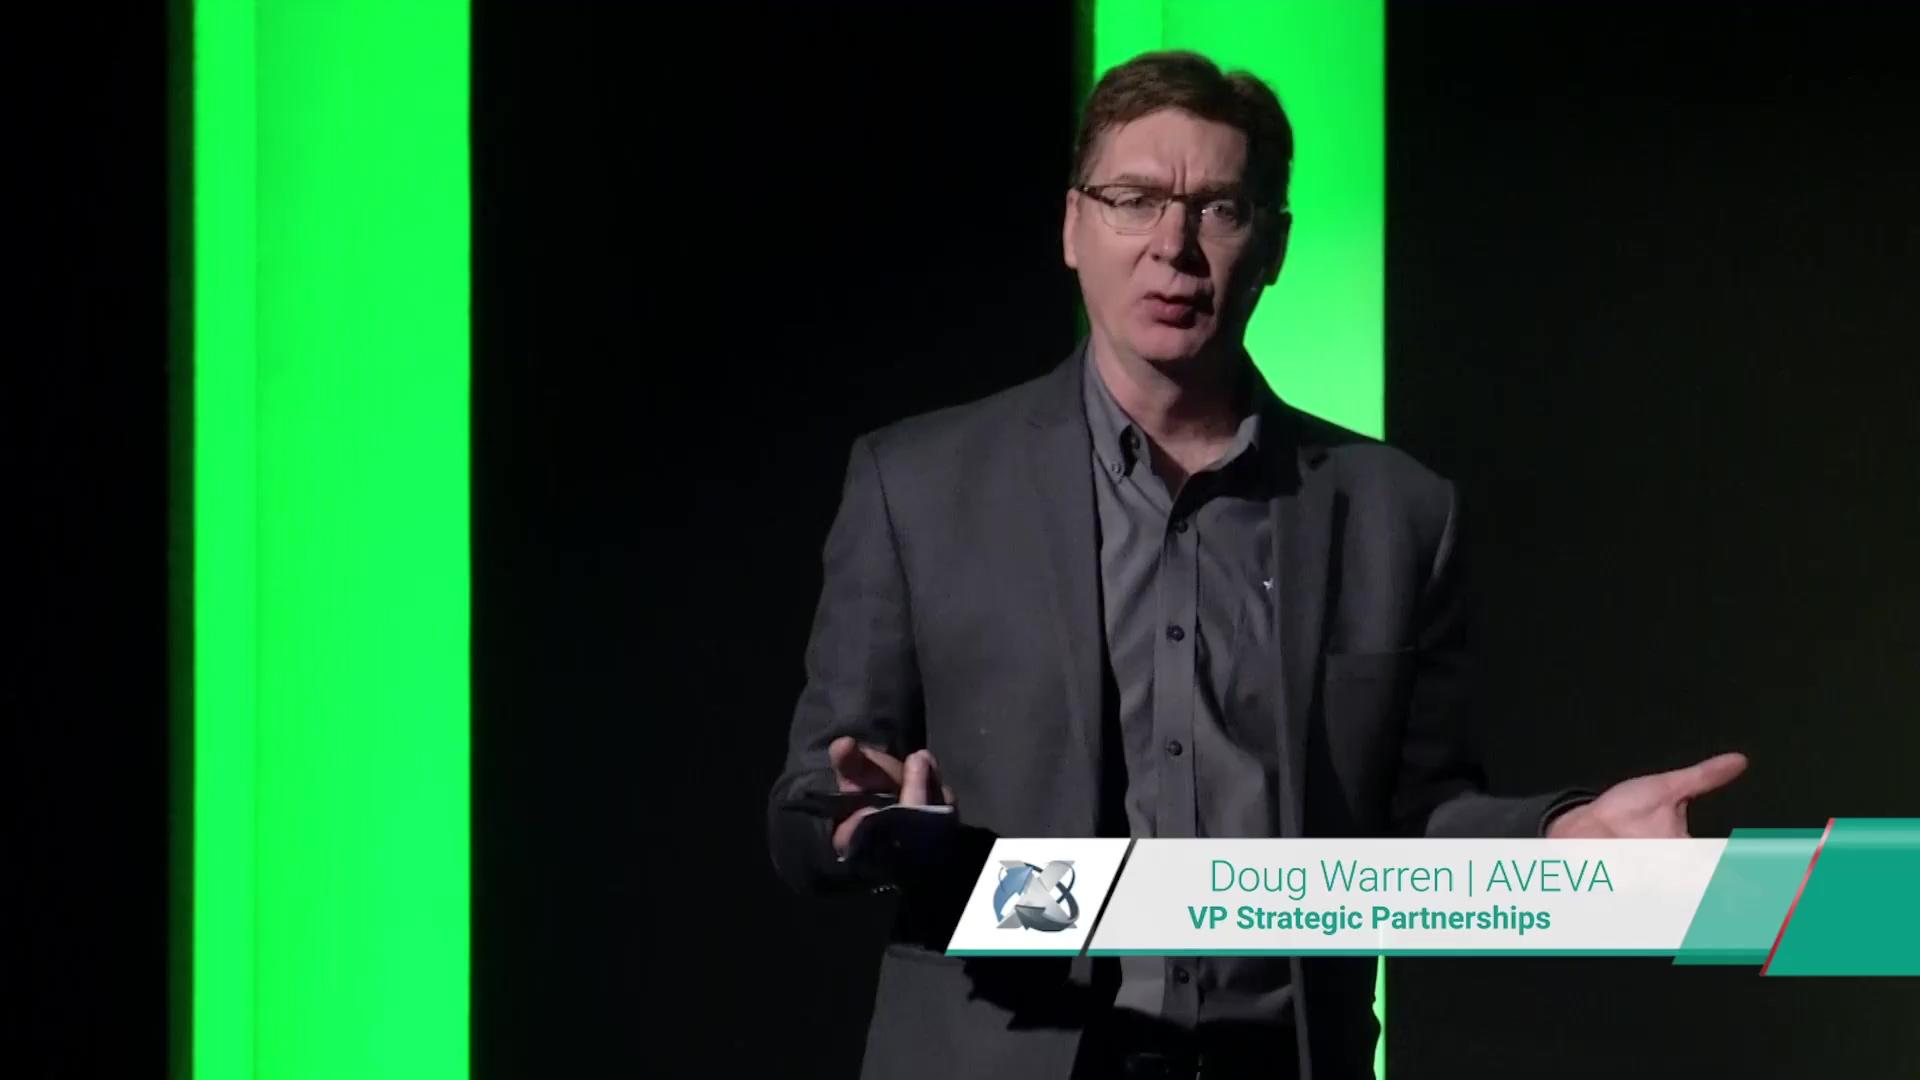 Doug Warren - Working Trends